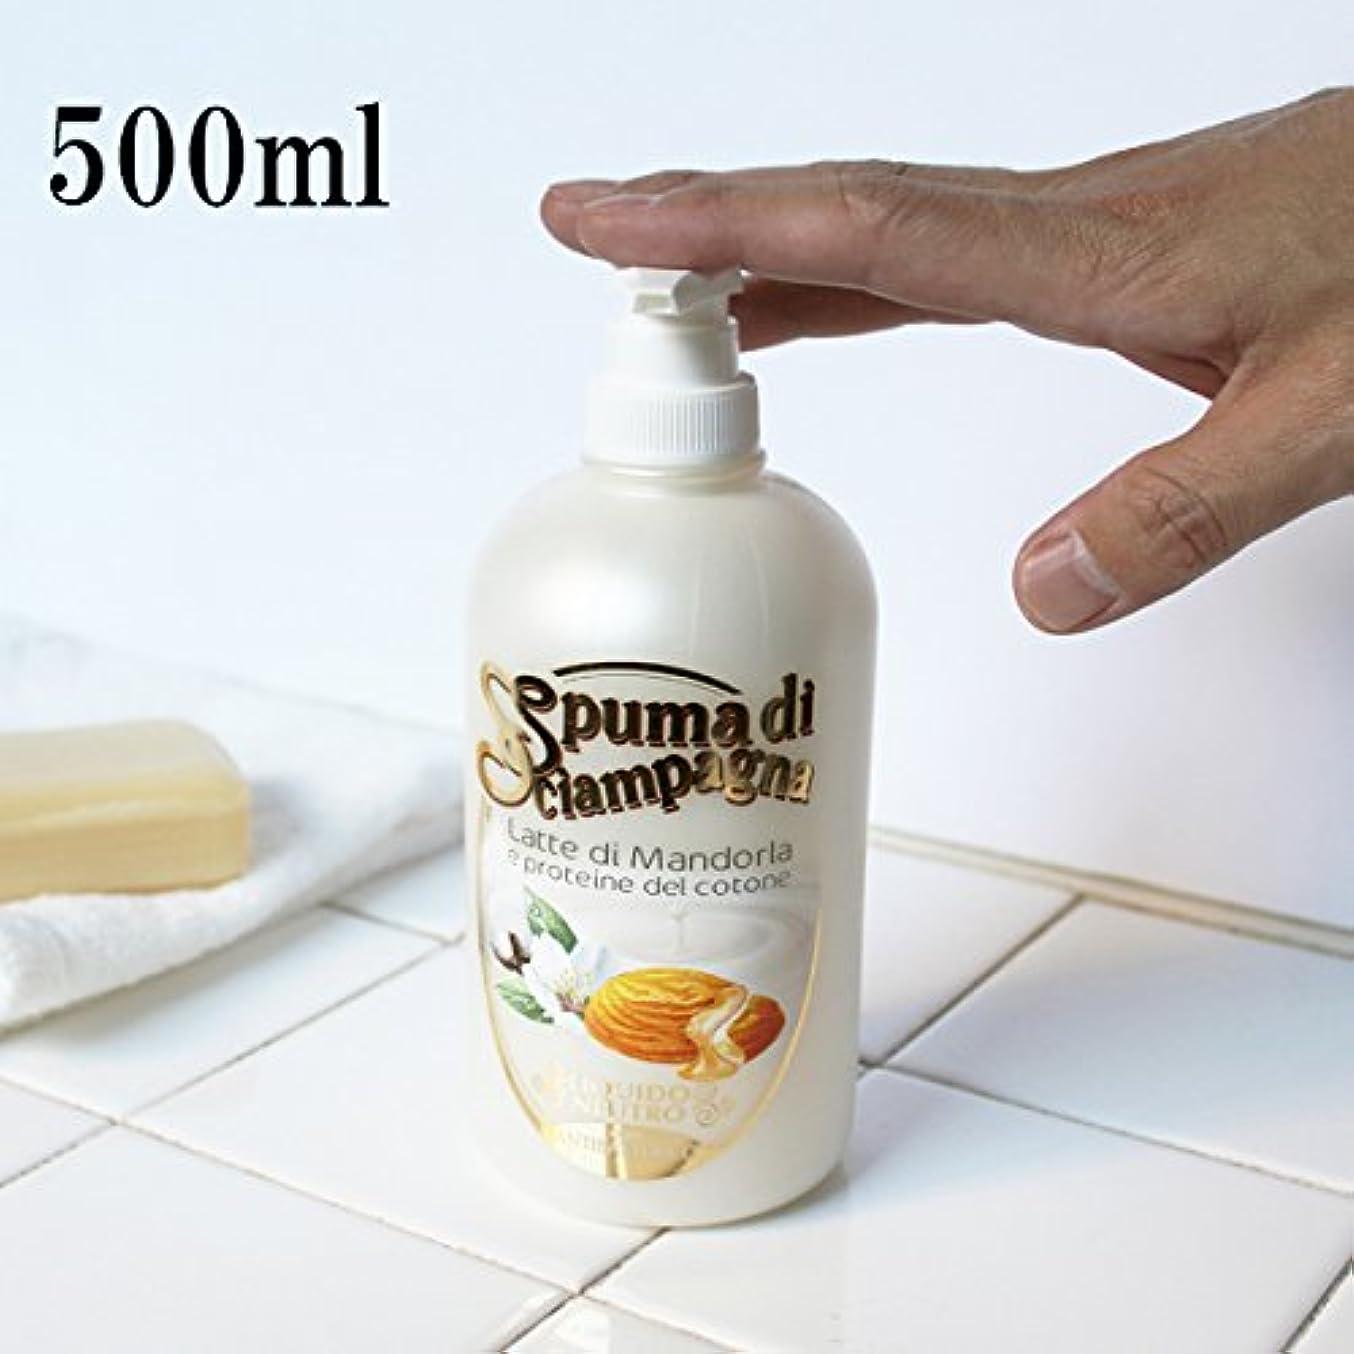 ワンダー化石直感Spuma di Sciampagna (スプーマ ディ シャンパーニャ) リキッドソープ 500ml アーモンドの香り